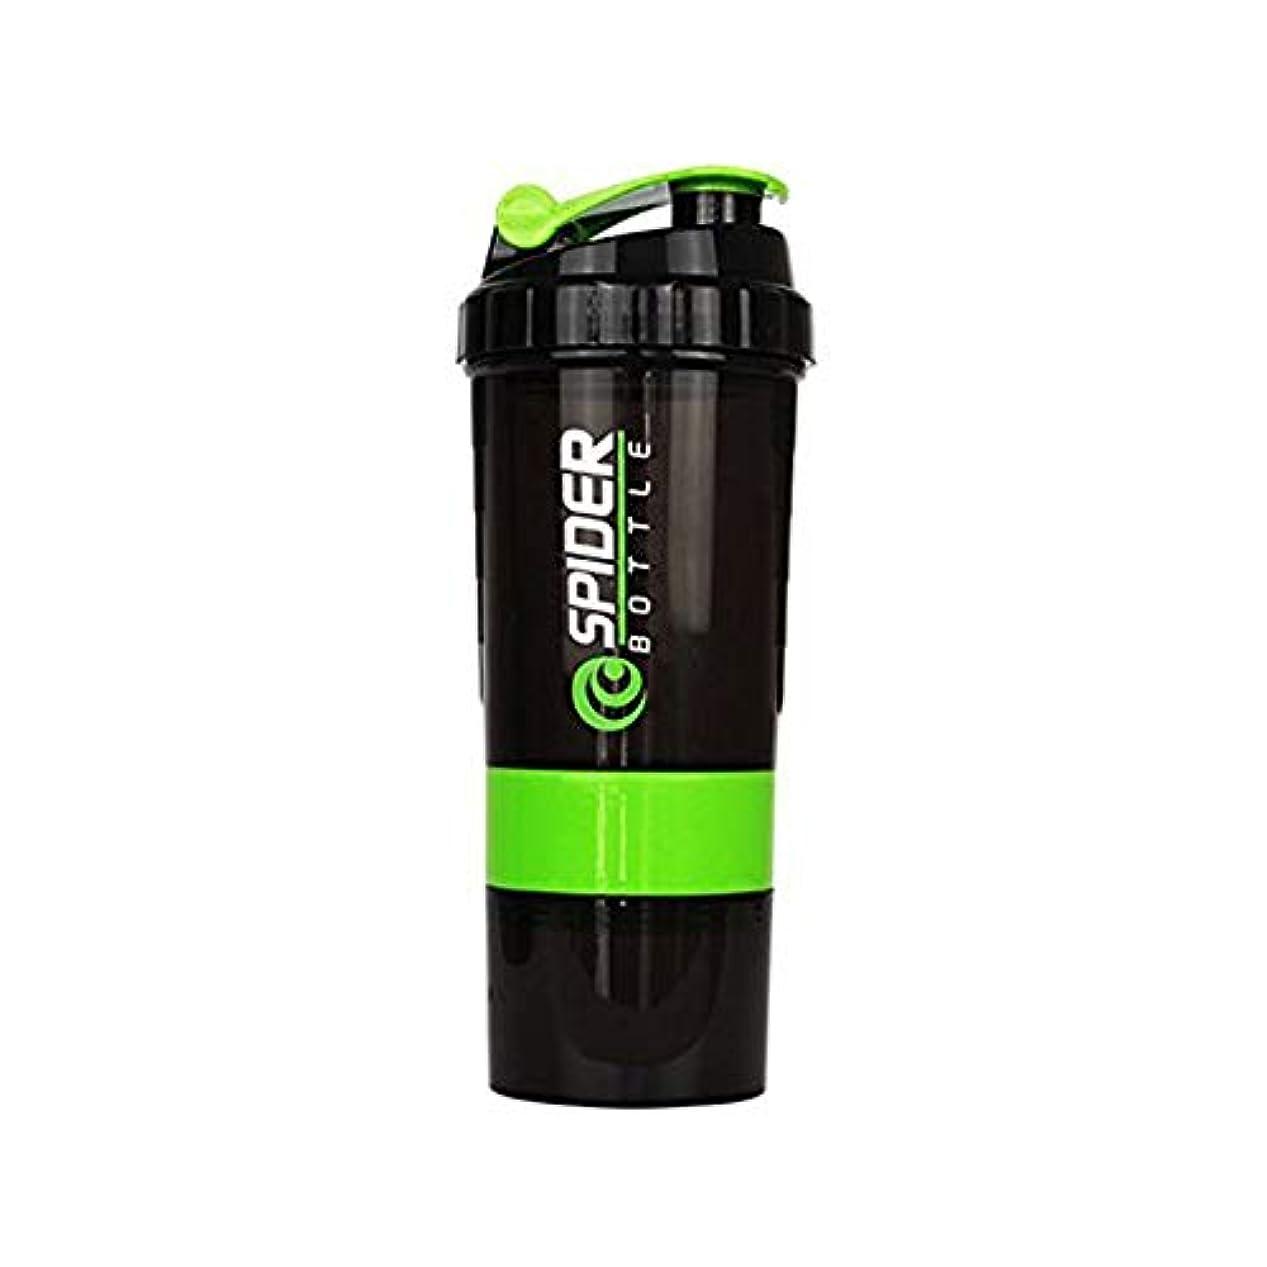 反対またはどちらかそれぞれSimg プロテインシェイカー 650ml シェーカーボトル プラスチック 目盛り ジム ダイエット スポーツ (グリーン)